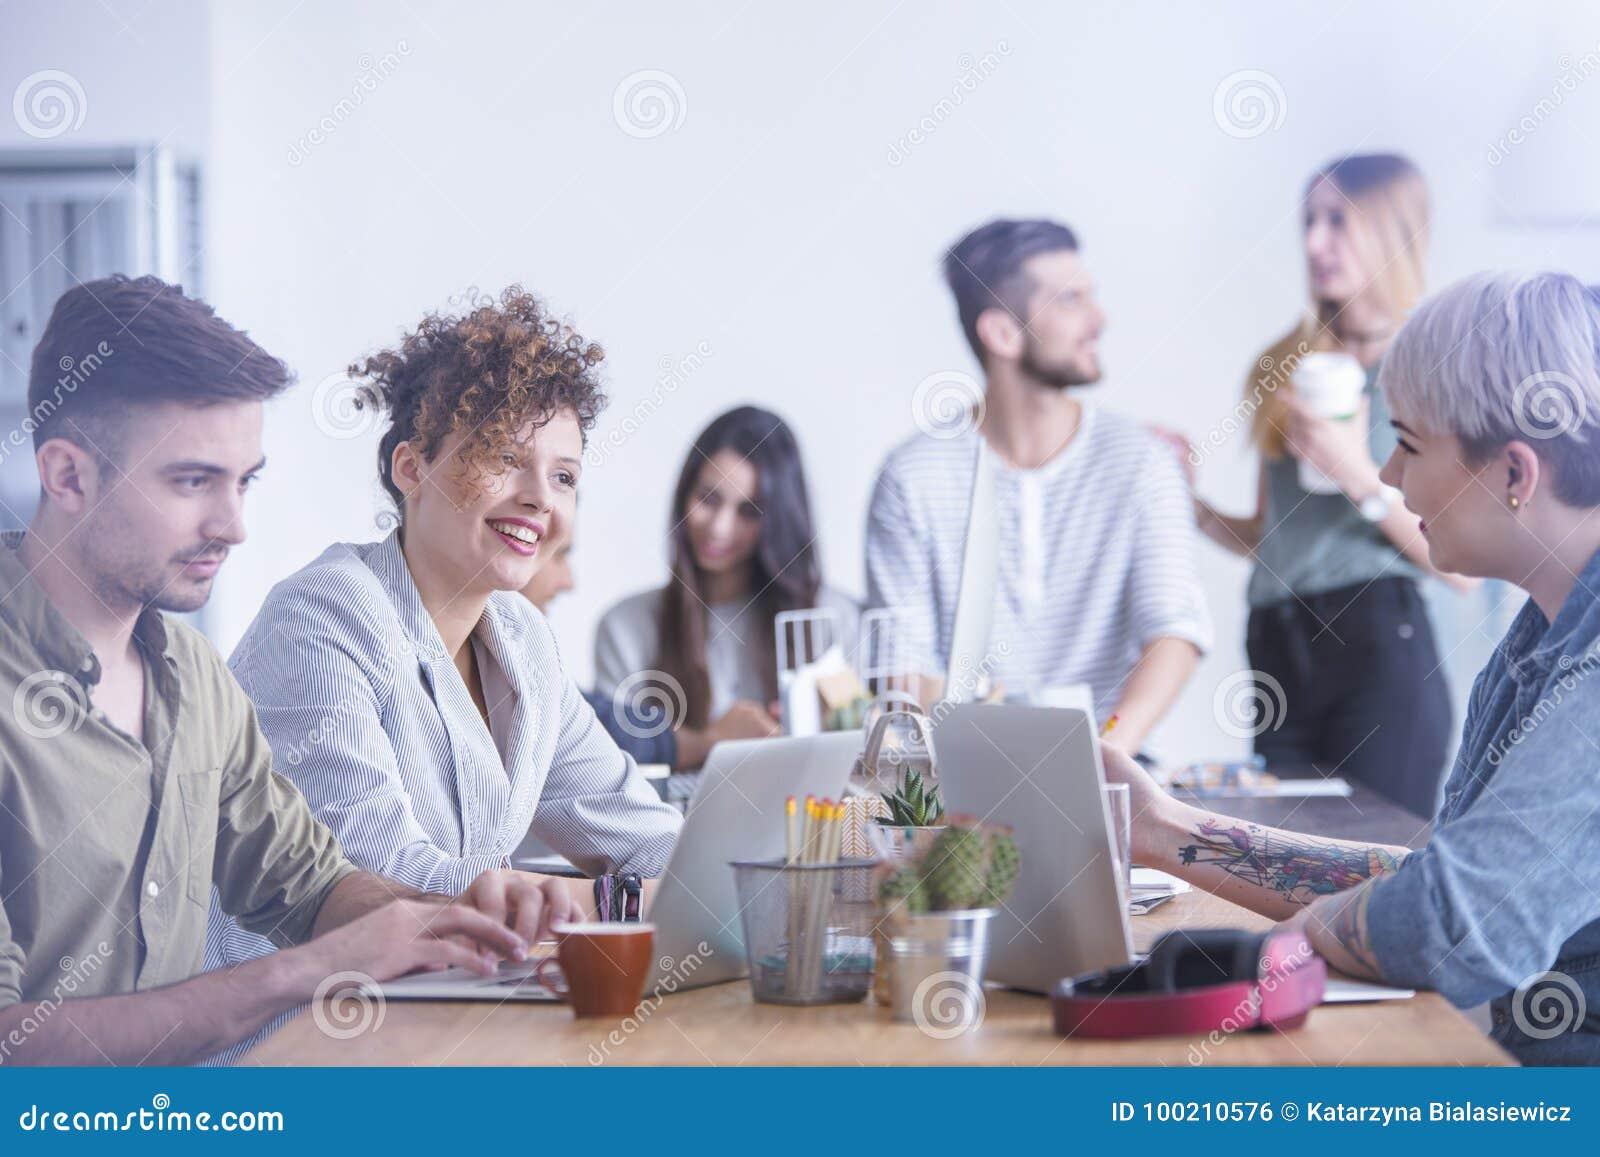 Kobieta przyjaciół śmiać się